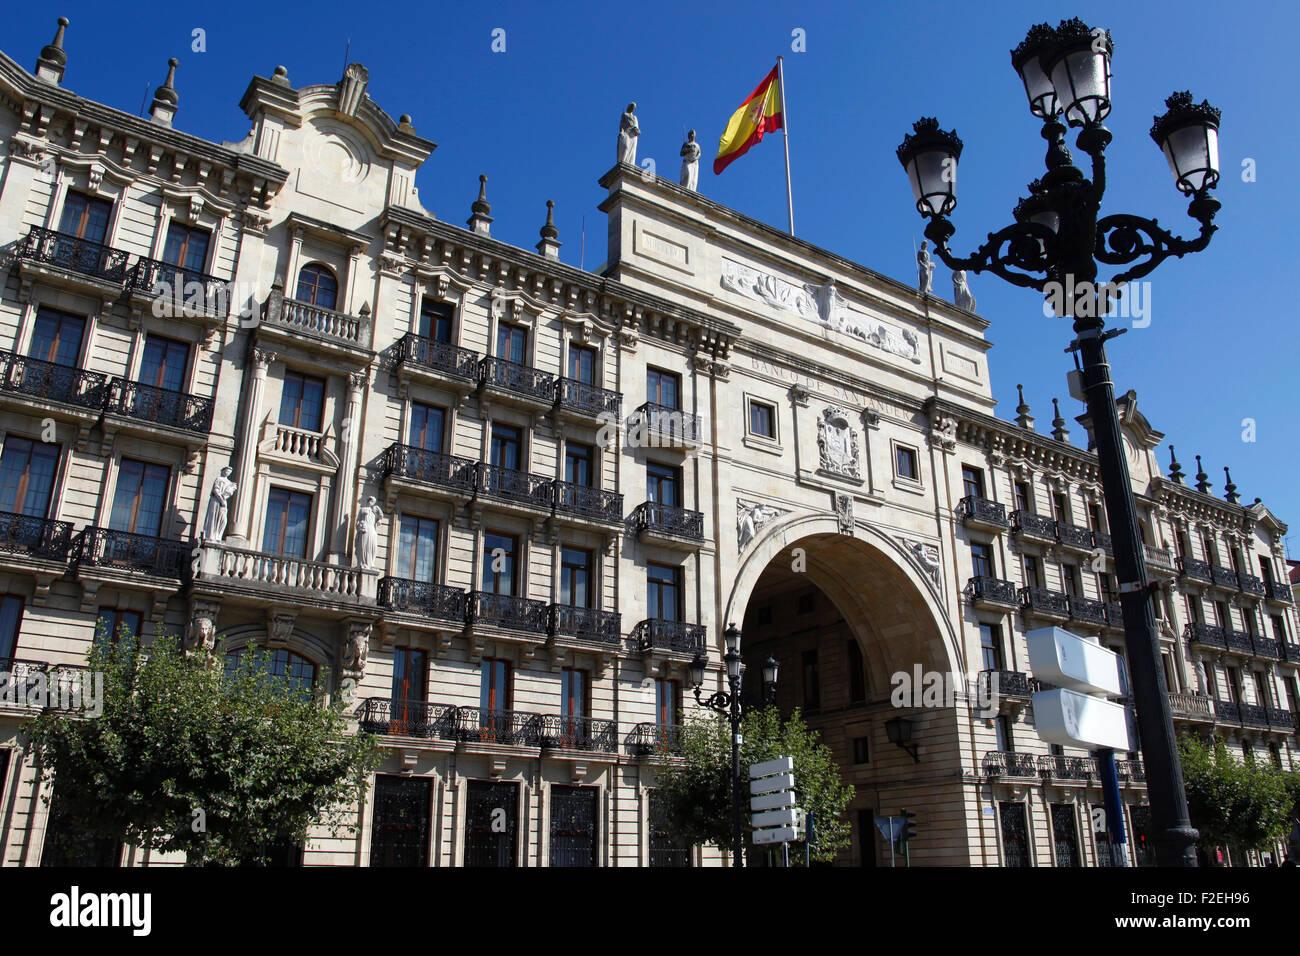 Banco de santander building in santander spain stock for Banco santander oficina central madrid